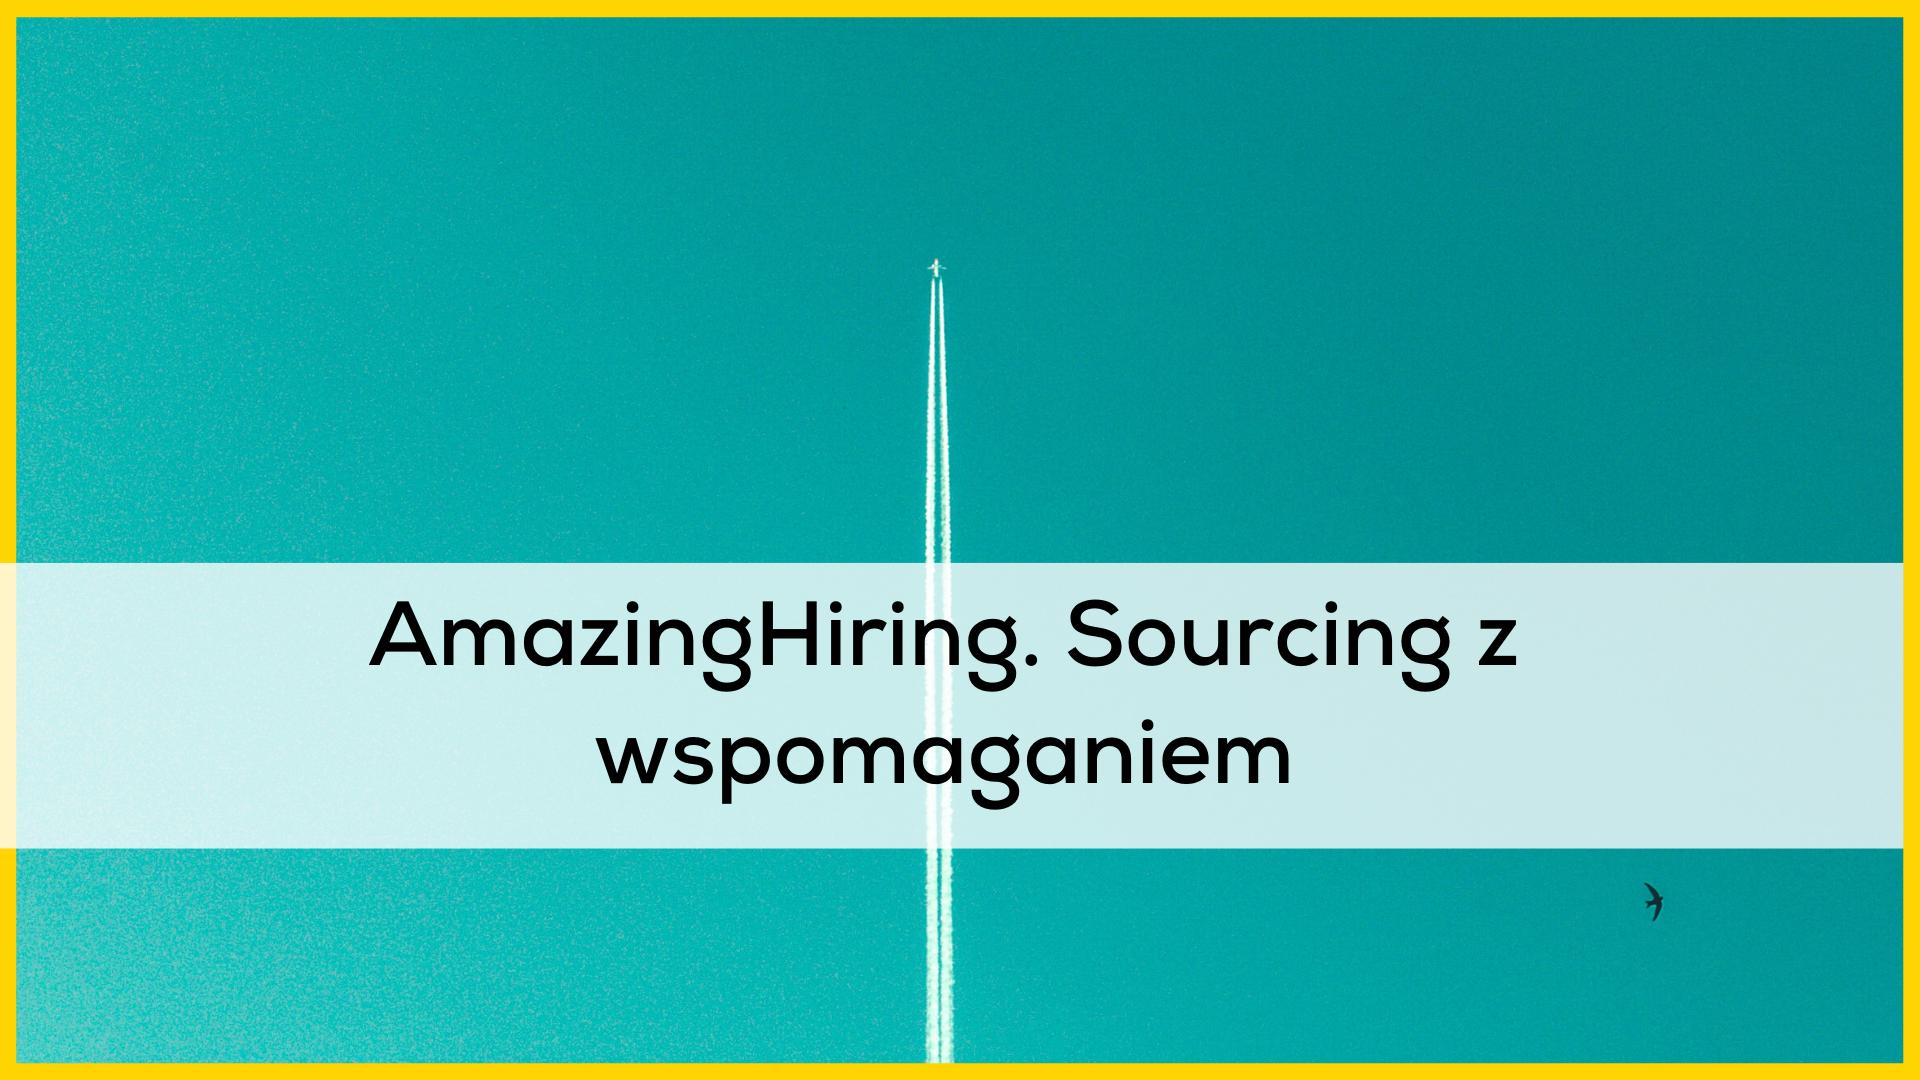 AmazingHiring sourcing tool